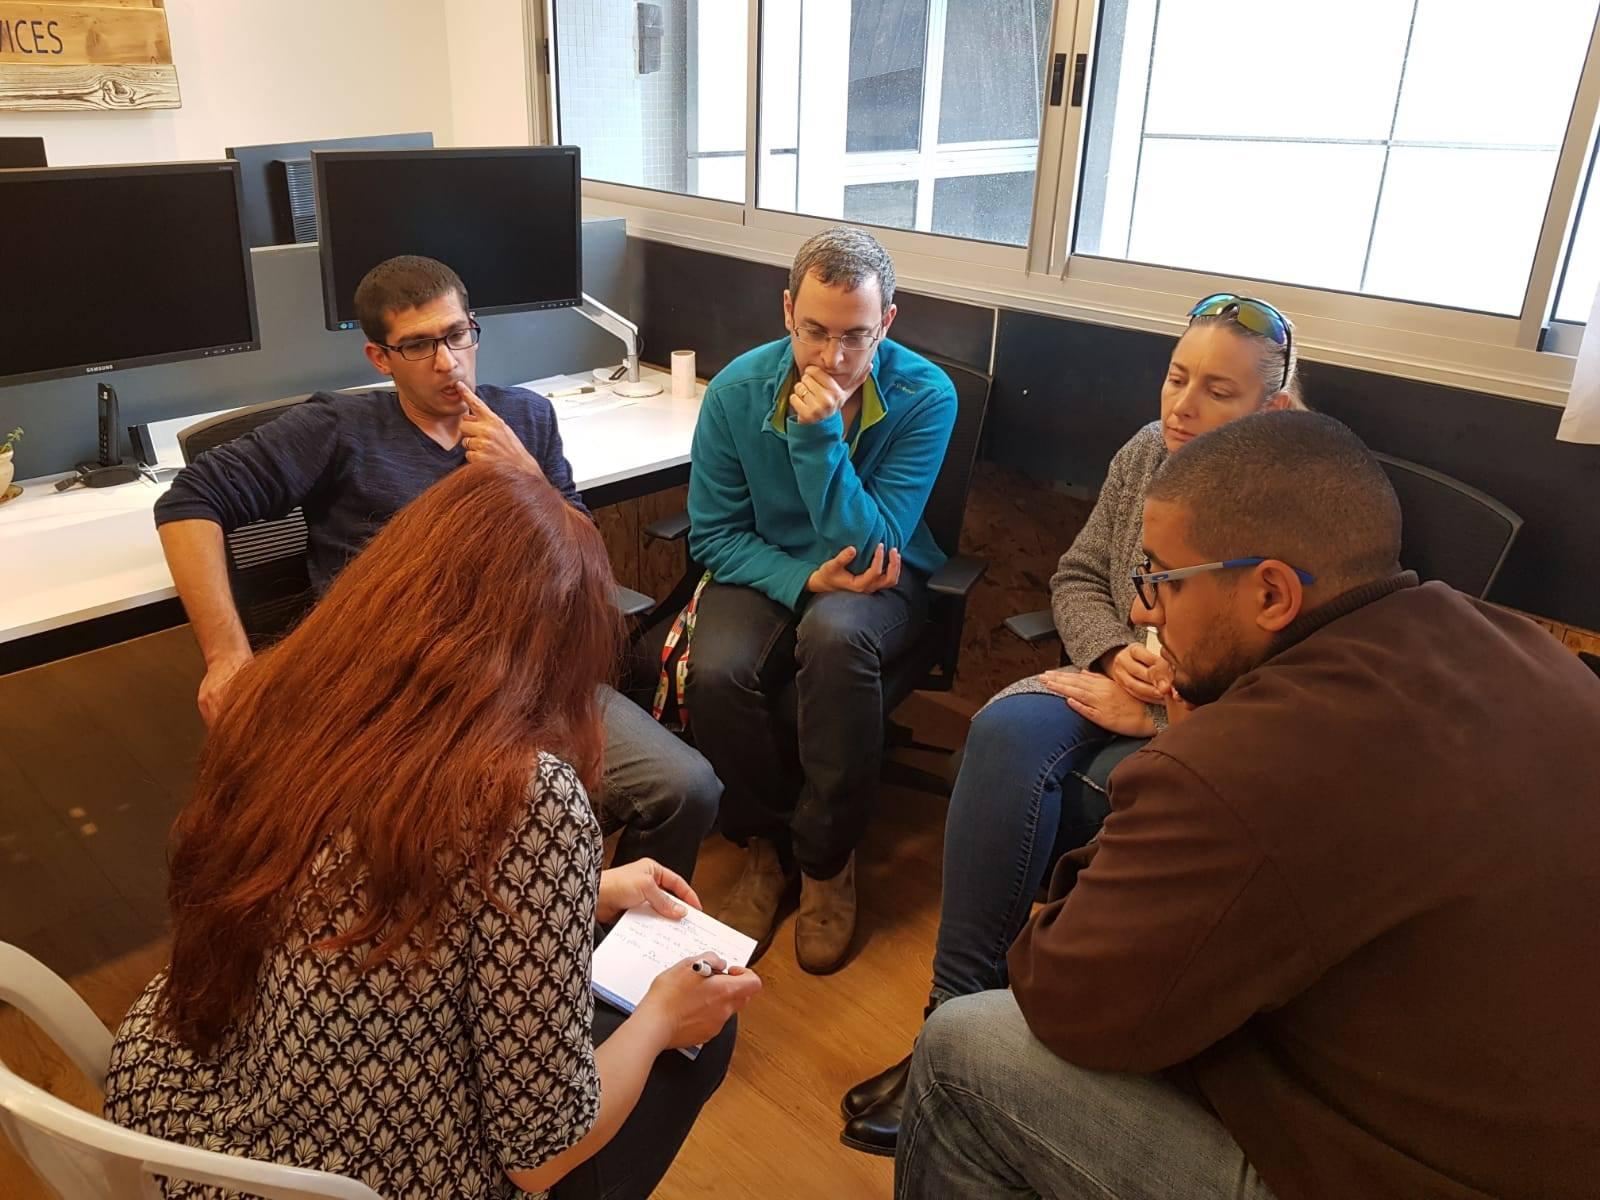 קבוצות חשיבה במסגרת סדנה לחברת אס.אי. שירותי פארמה